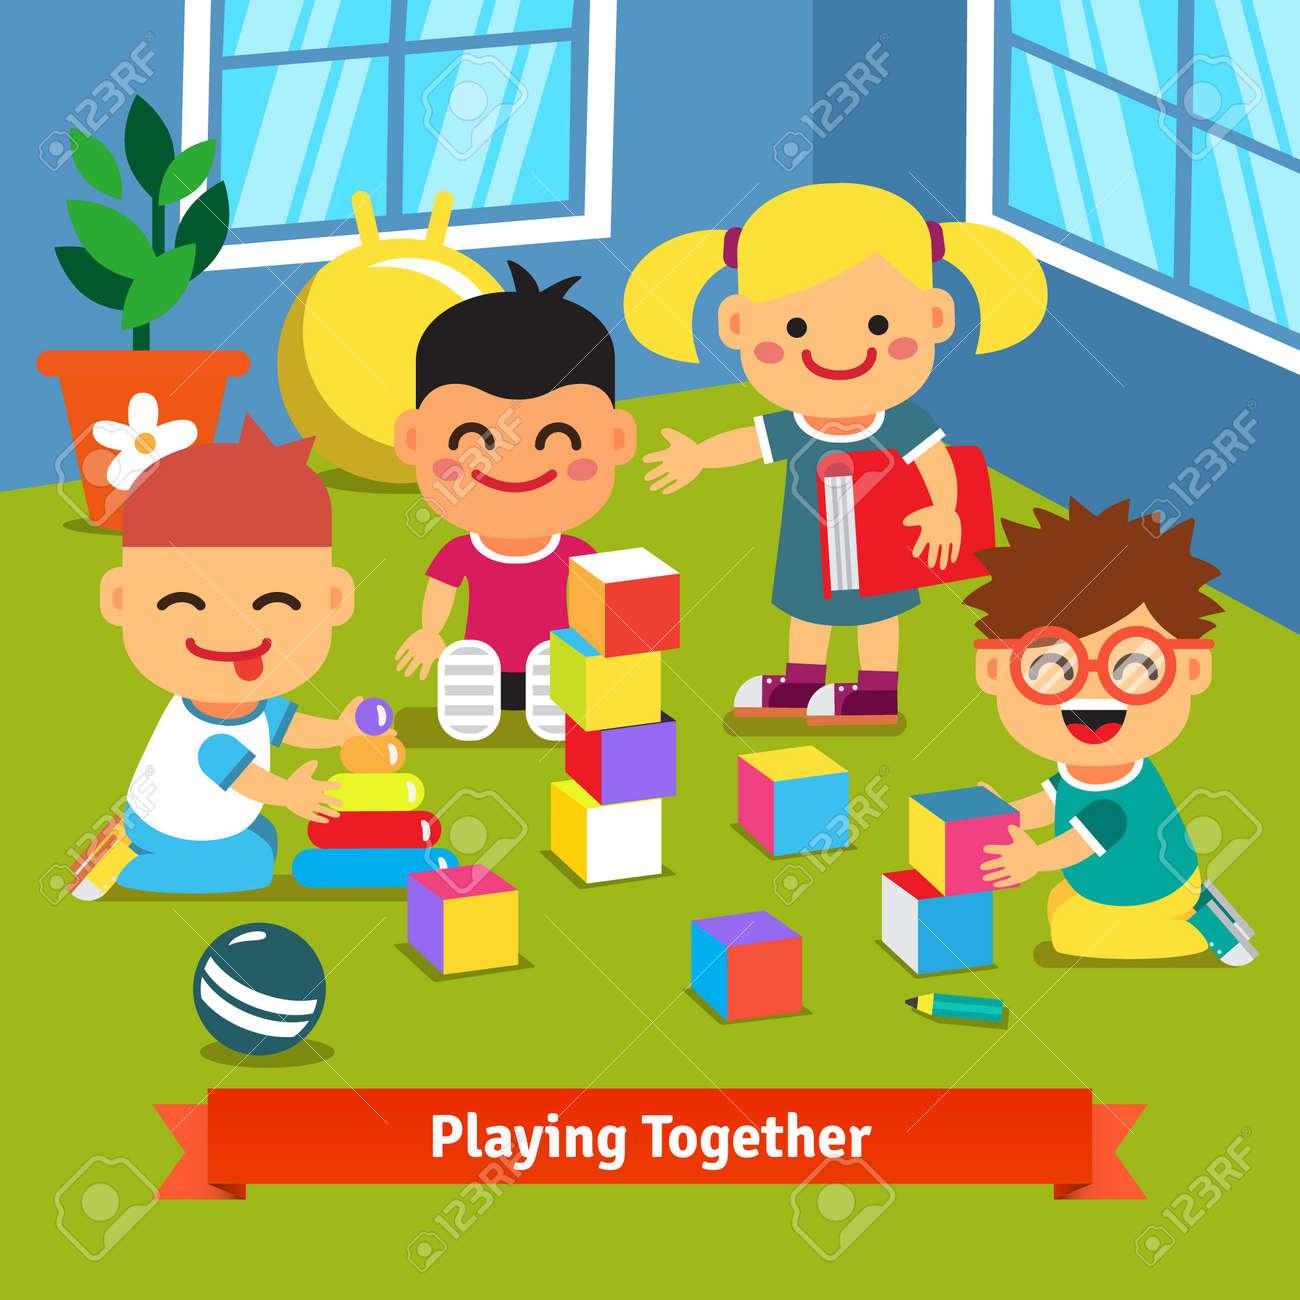 De Sala Jardín Animados En Vector Ladrillos Plano Con InfanciaIlustración Juntos Estilo Y Niños Dibujos Juguetes Jugando La 0k8wPnO